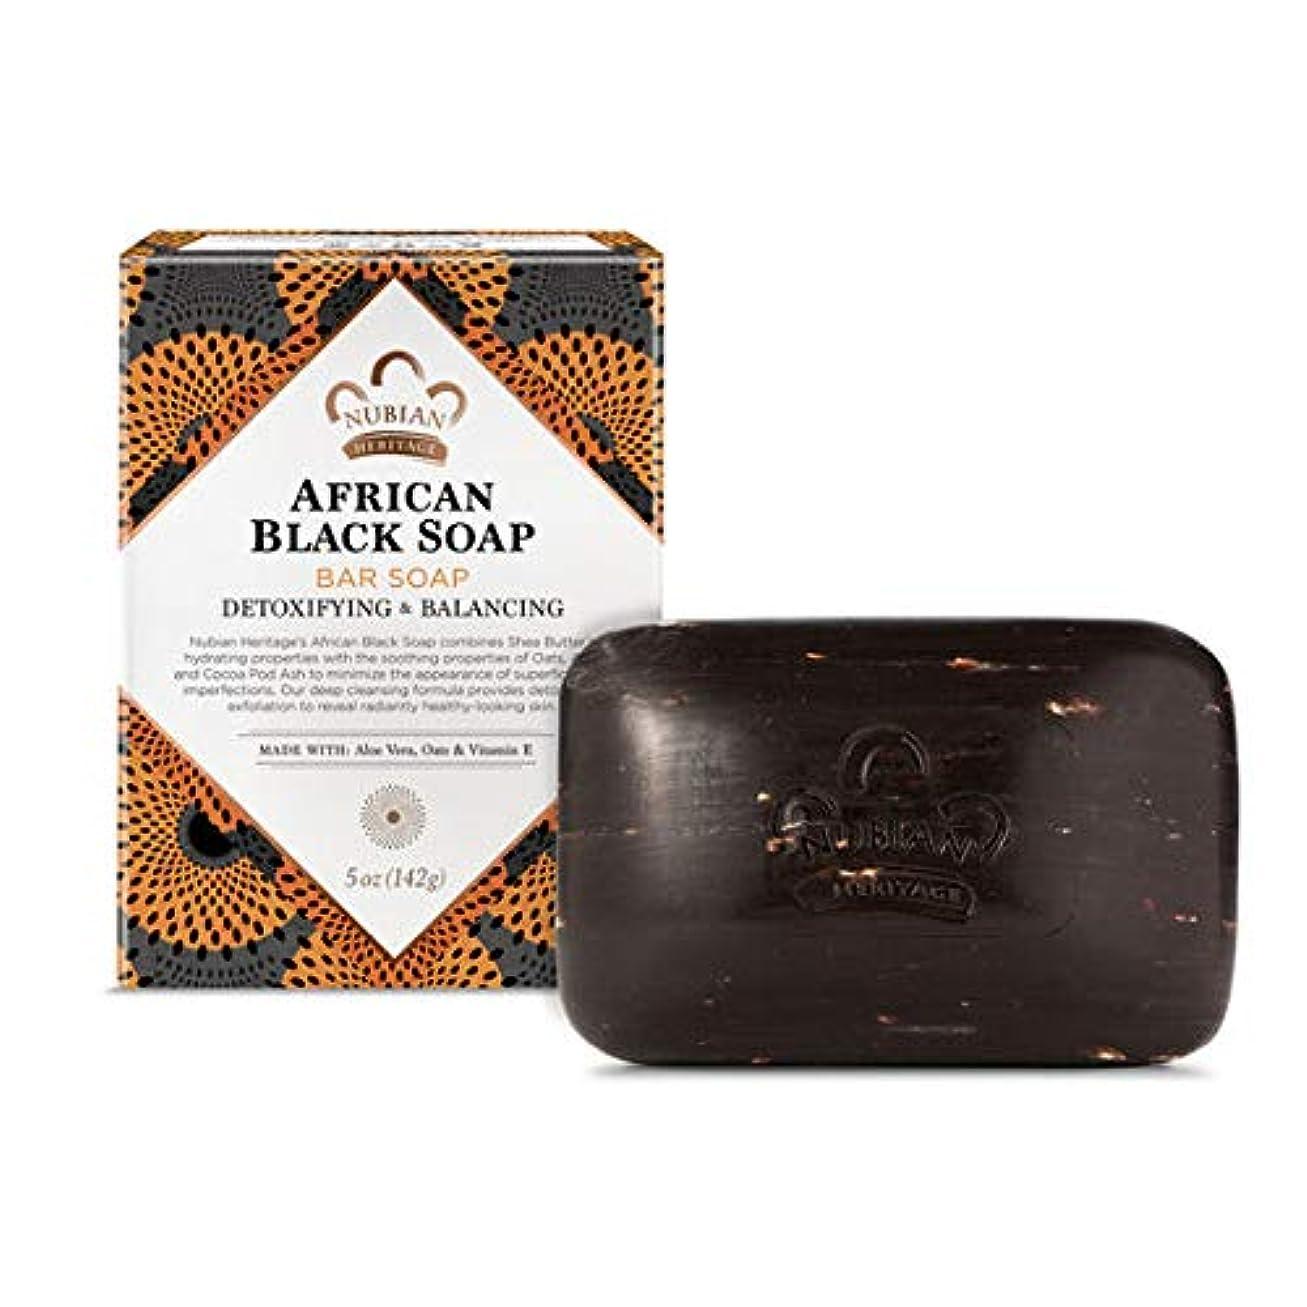 アジャ十分な条件付きヌビアン ヘリテージ アフリカン ブラック ソープ 141g 並行輸入品 [並行輸入品]